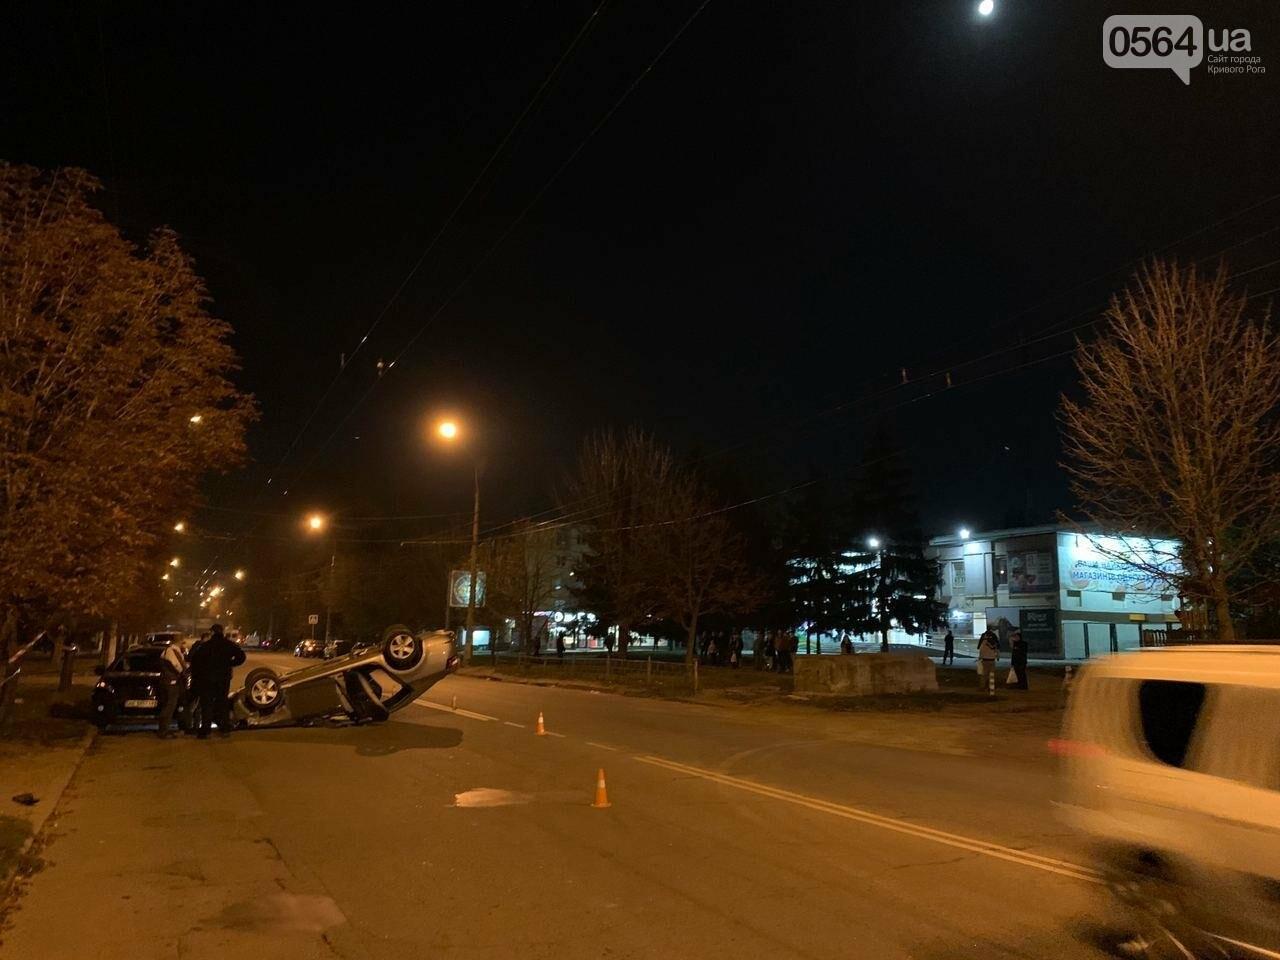 """В Кривом Роге """"Skoda"""" влетела в припаркованный автомобиль """"Peugeot"""" и перевернулась на крышу, - ФОТО, ИСПРАВЛЕНО, фото-2"""